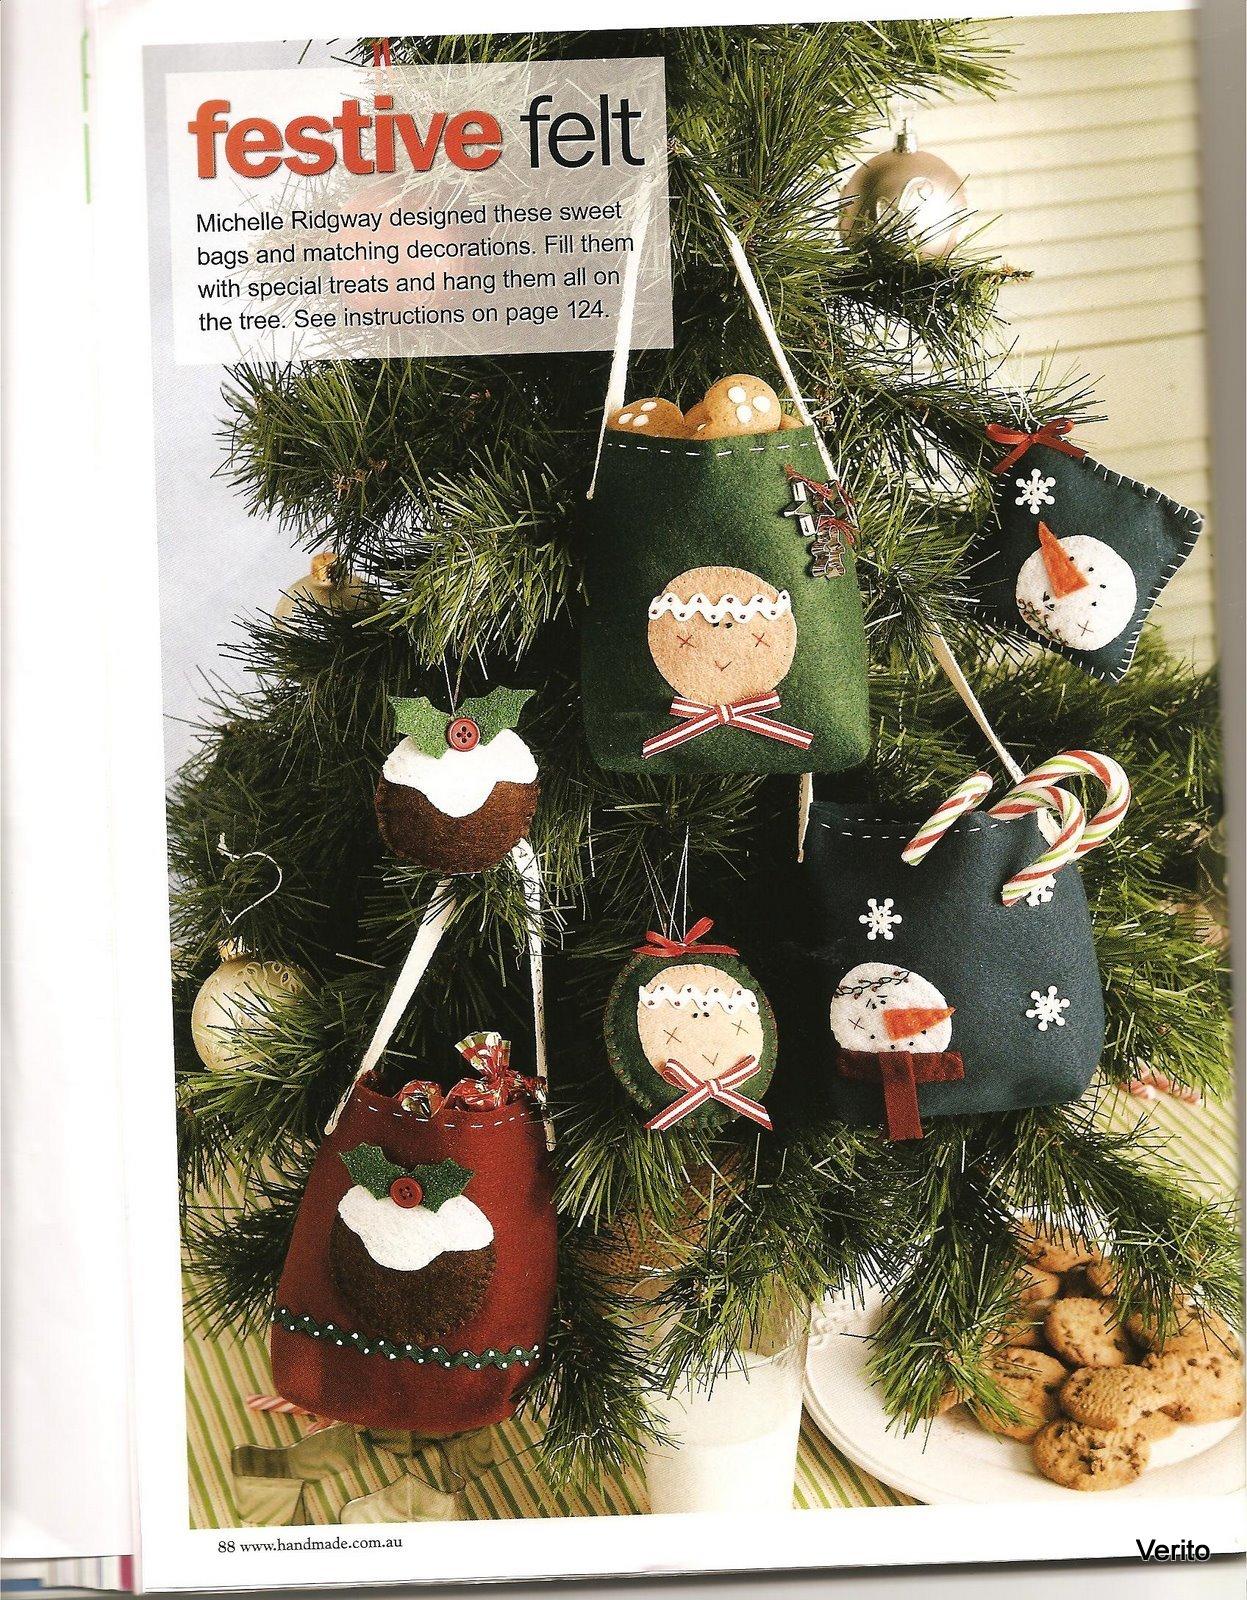 Como hacer manualidades para navidad ornamentos fieltro - Ornamentos de navidad ...